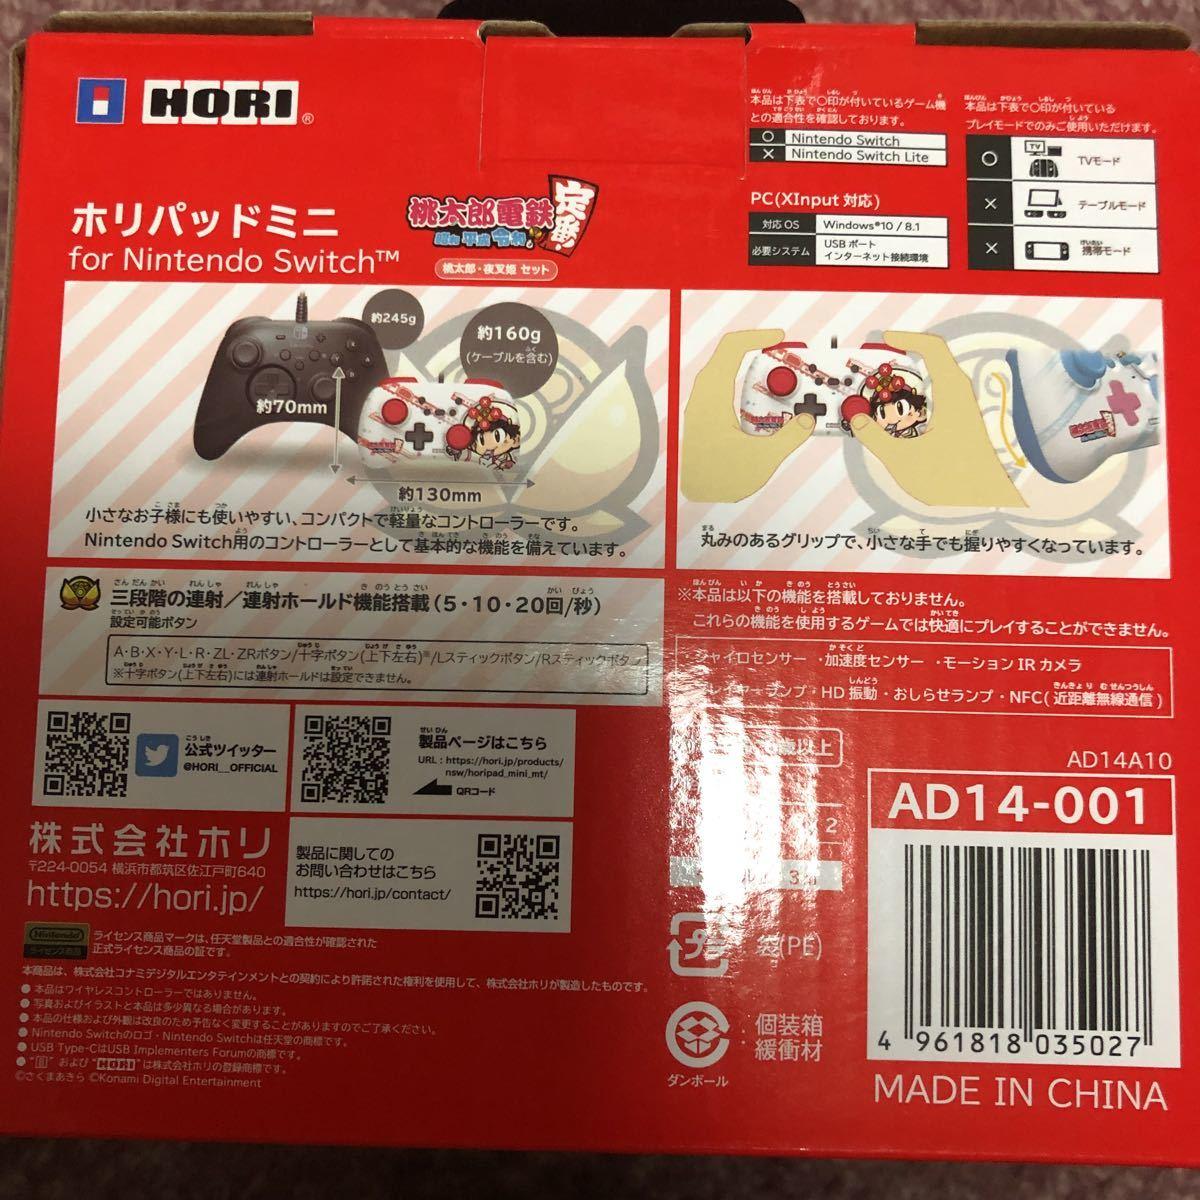 Nintendo Switch 桃鉄 桃太郎電鉄 ホリパットミニ 新品未使用品_画像3